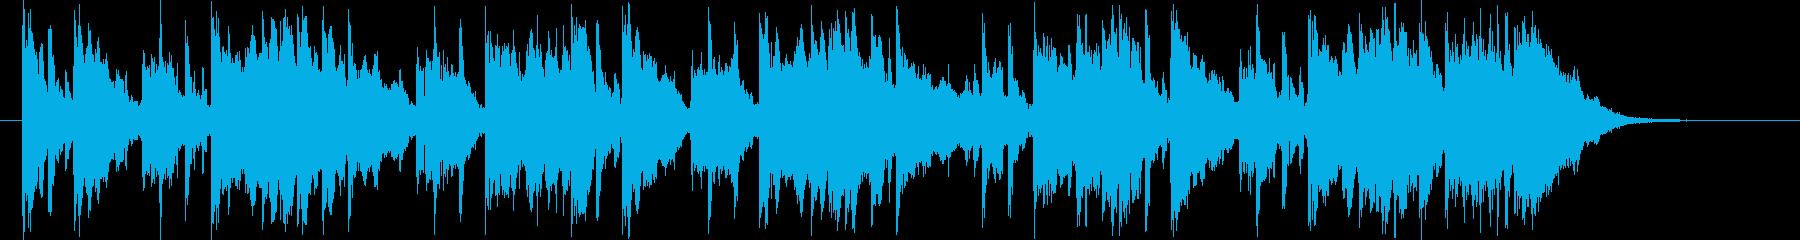 ゆったりとした可憐なシンセポップジングルの再生済みの波形